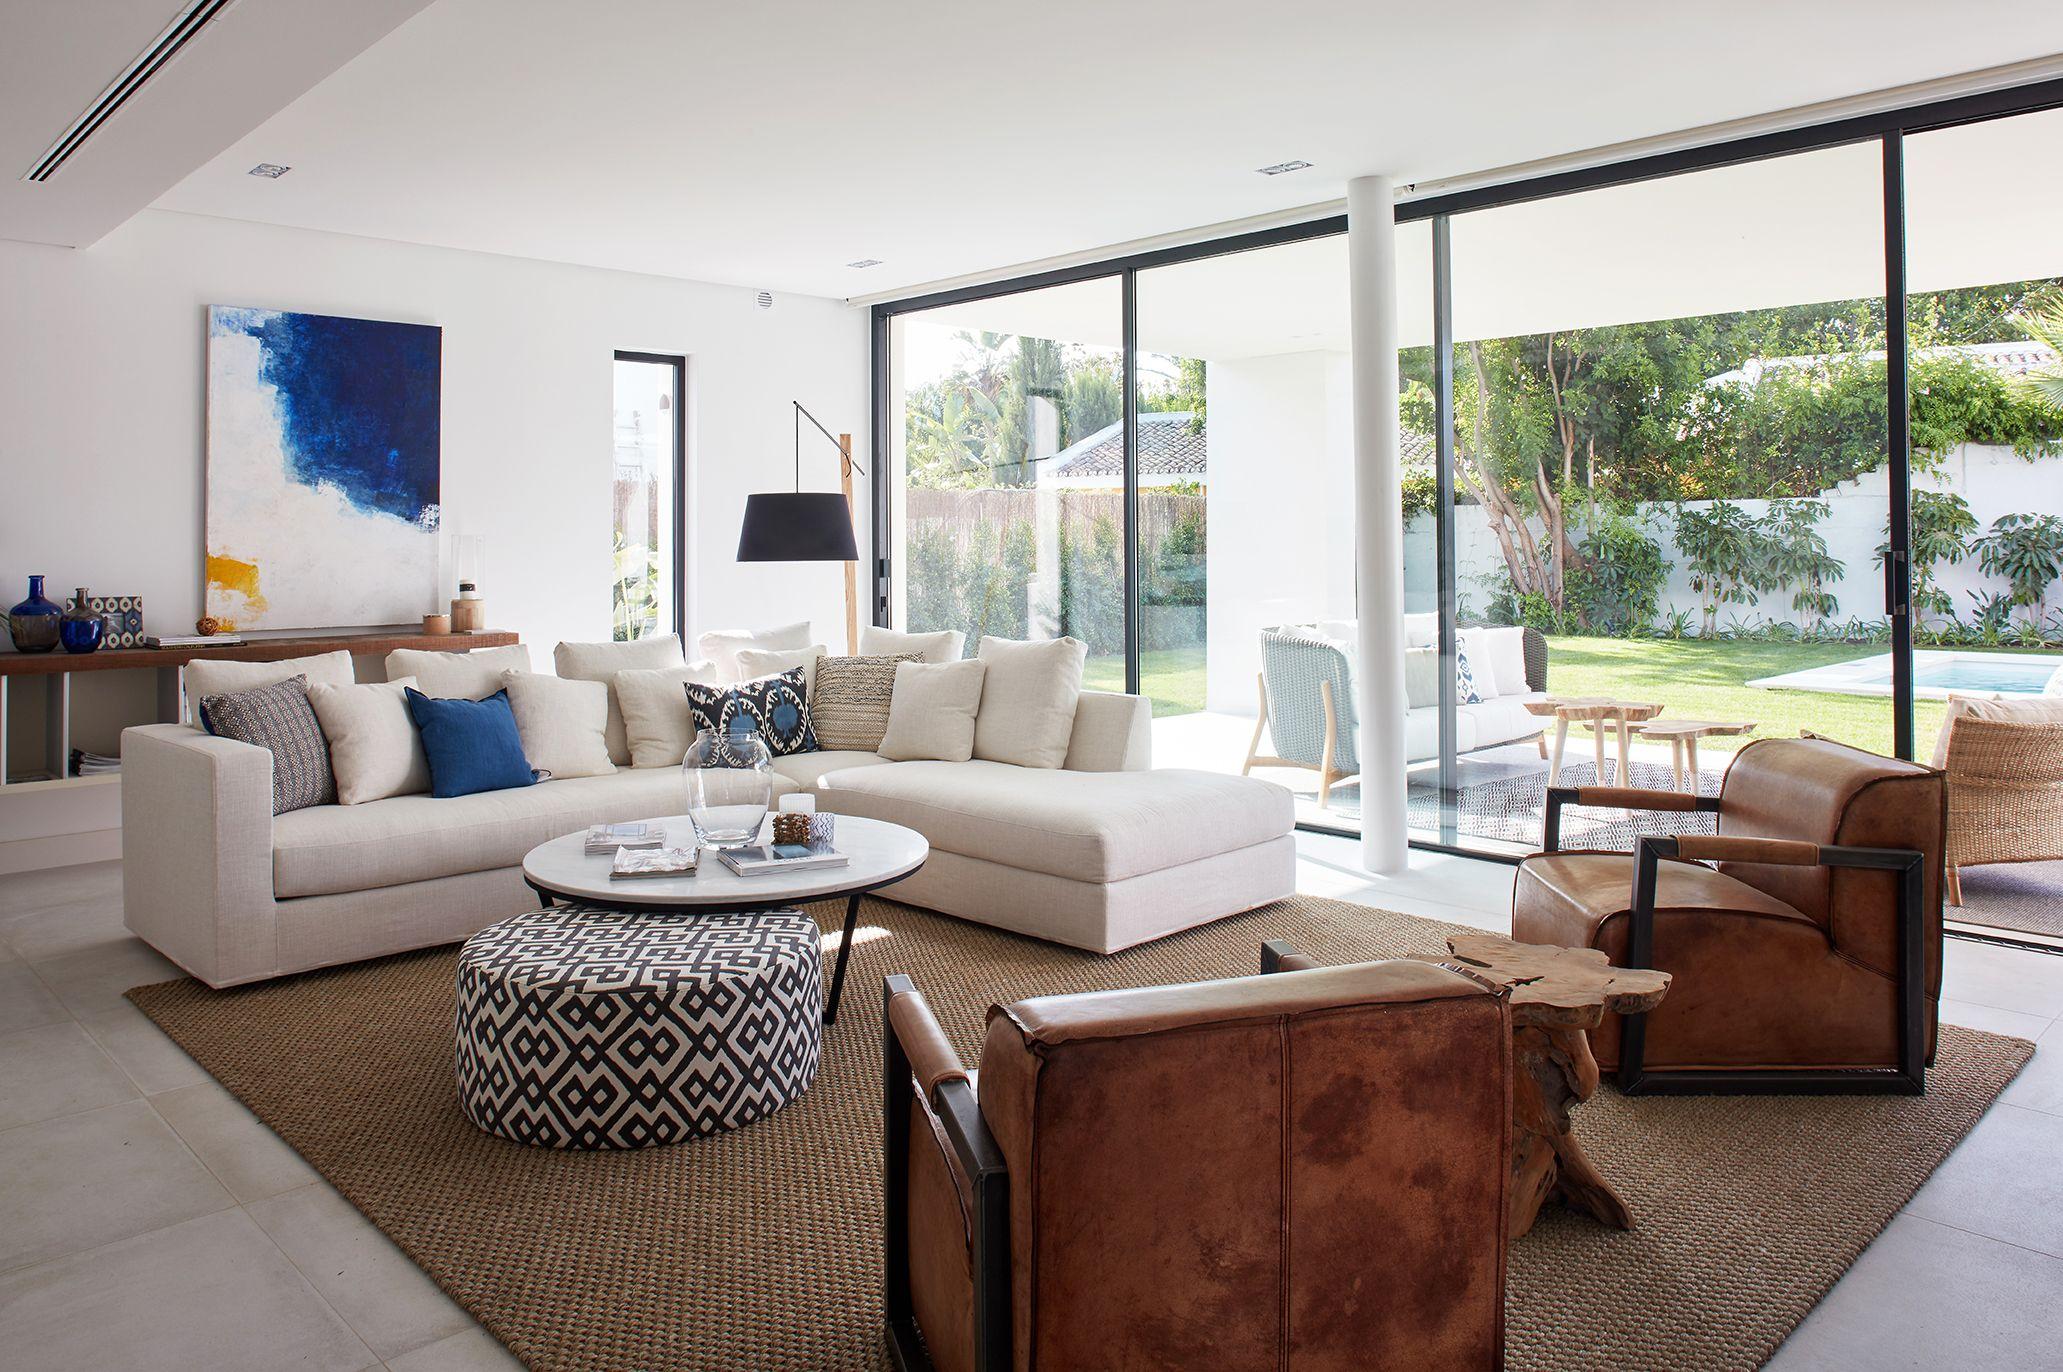 Living room in Marbella La Albaida Interior Design project Neutral